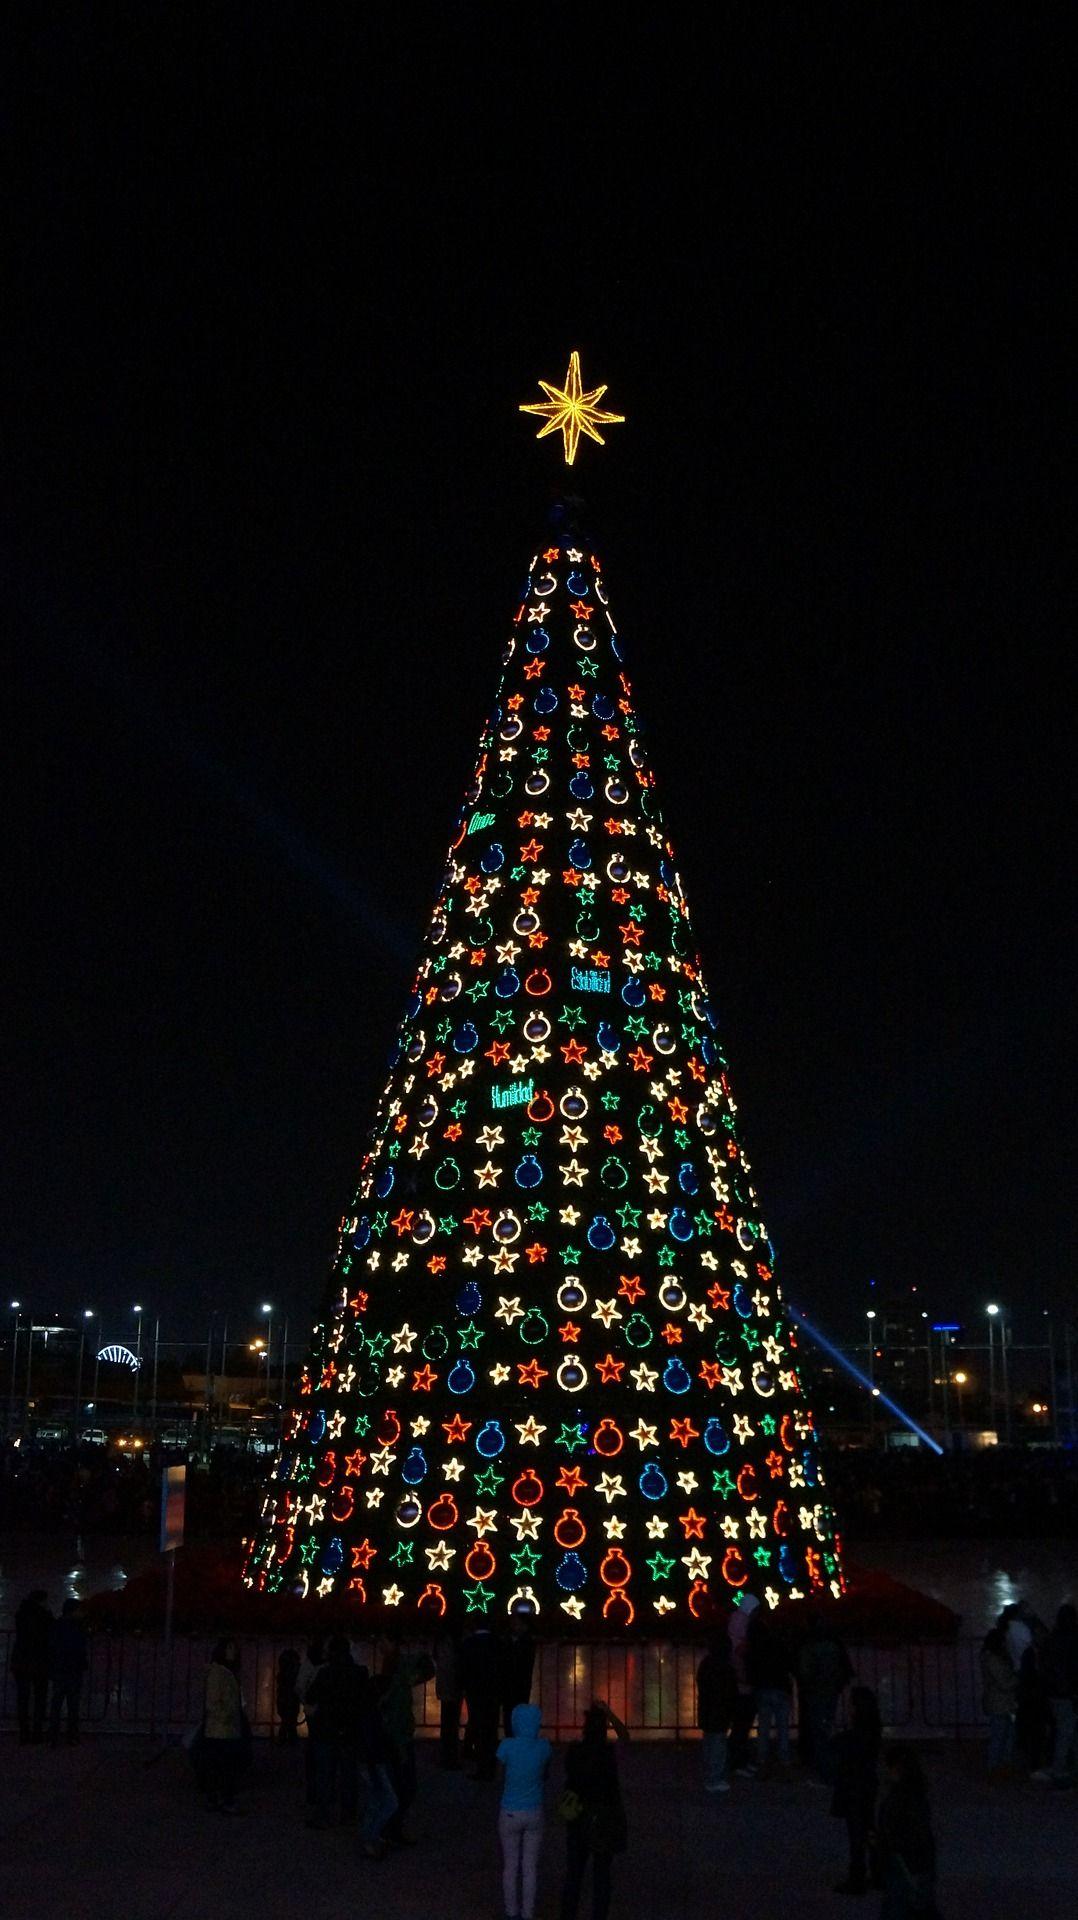 Hang ornaments?! Nah, we'll just arrange LEDs in the shape